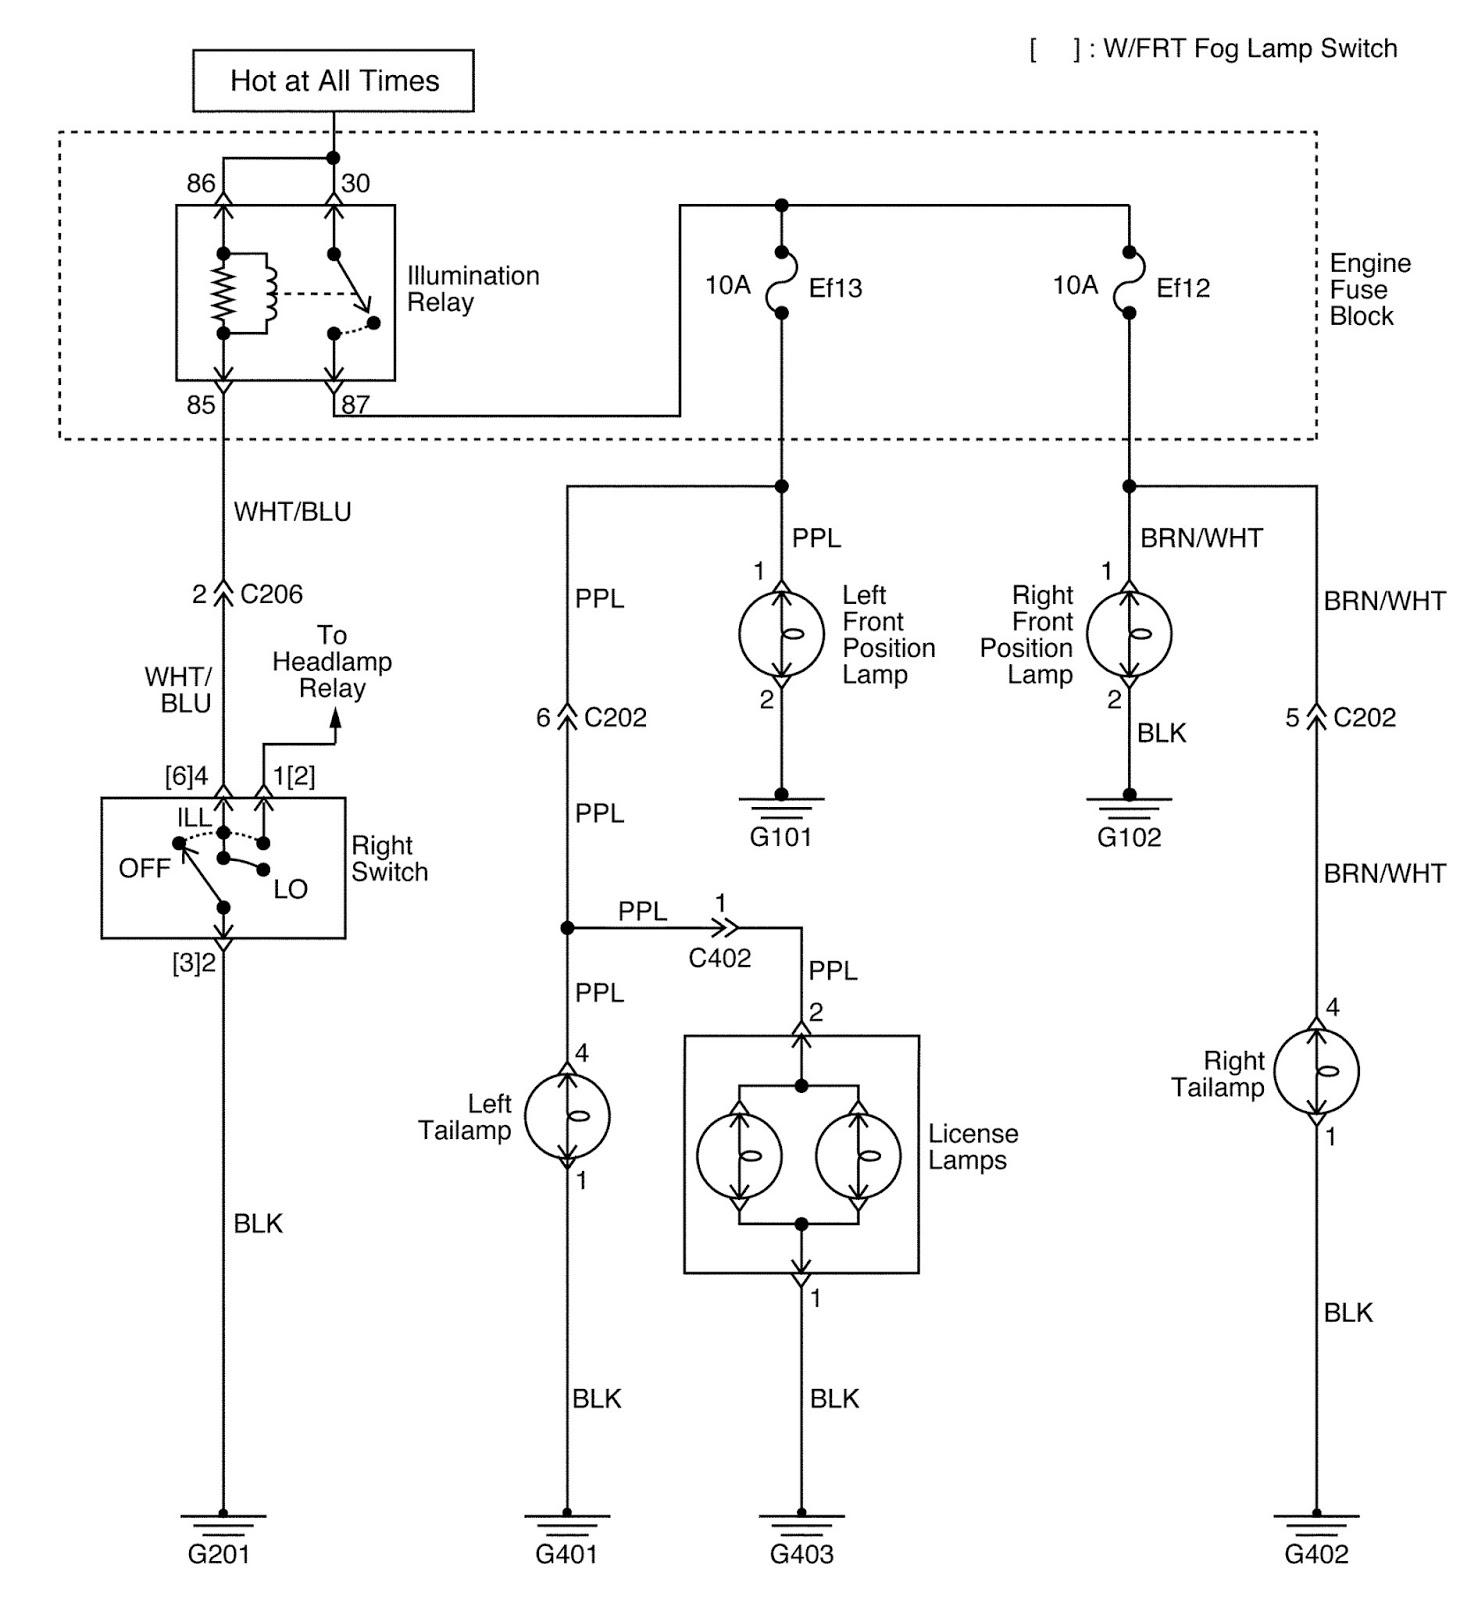 daewoo lanos wiring diagram data wiring diagram schema engine wiring harness replacement daewoo engine schematics wiring [ 1460 x 1600 Pixel ]